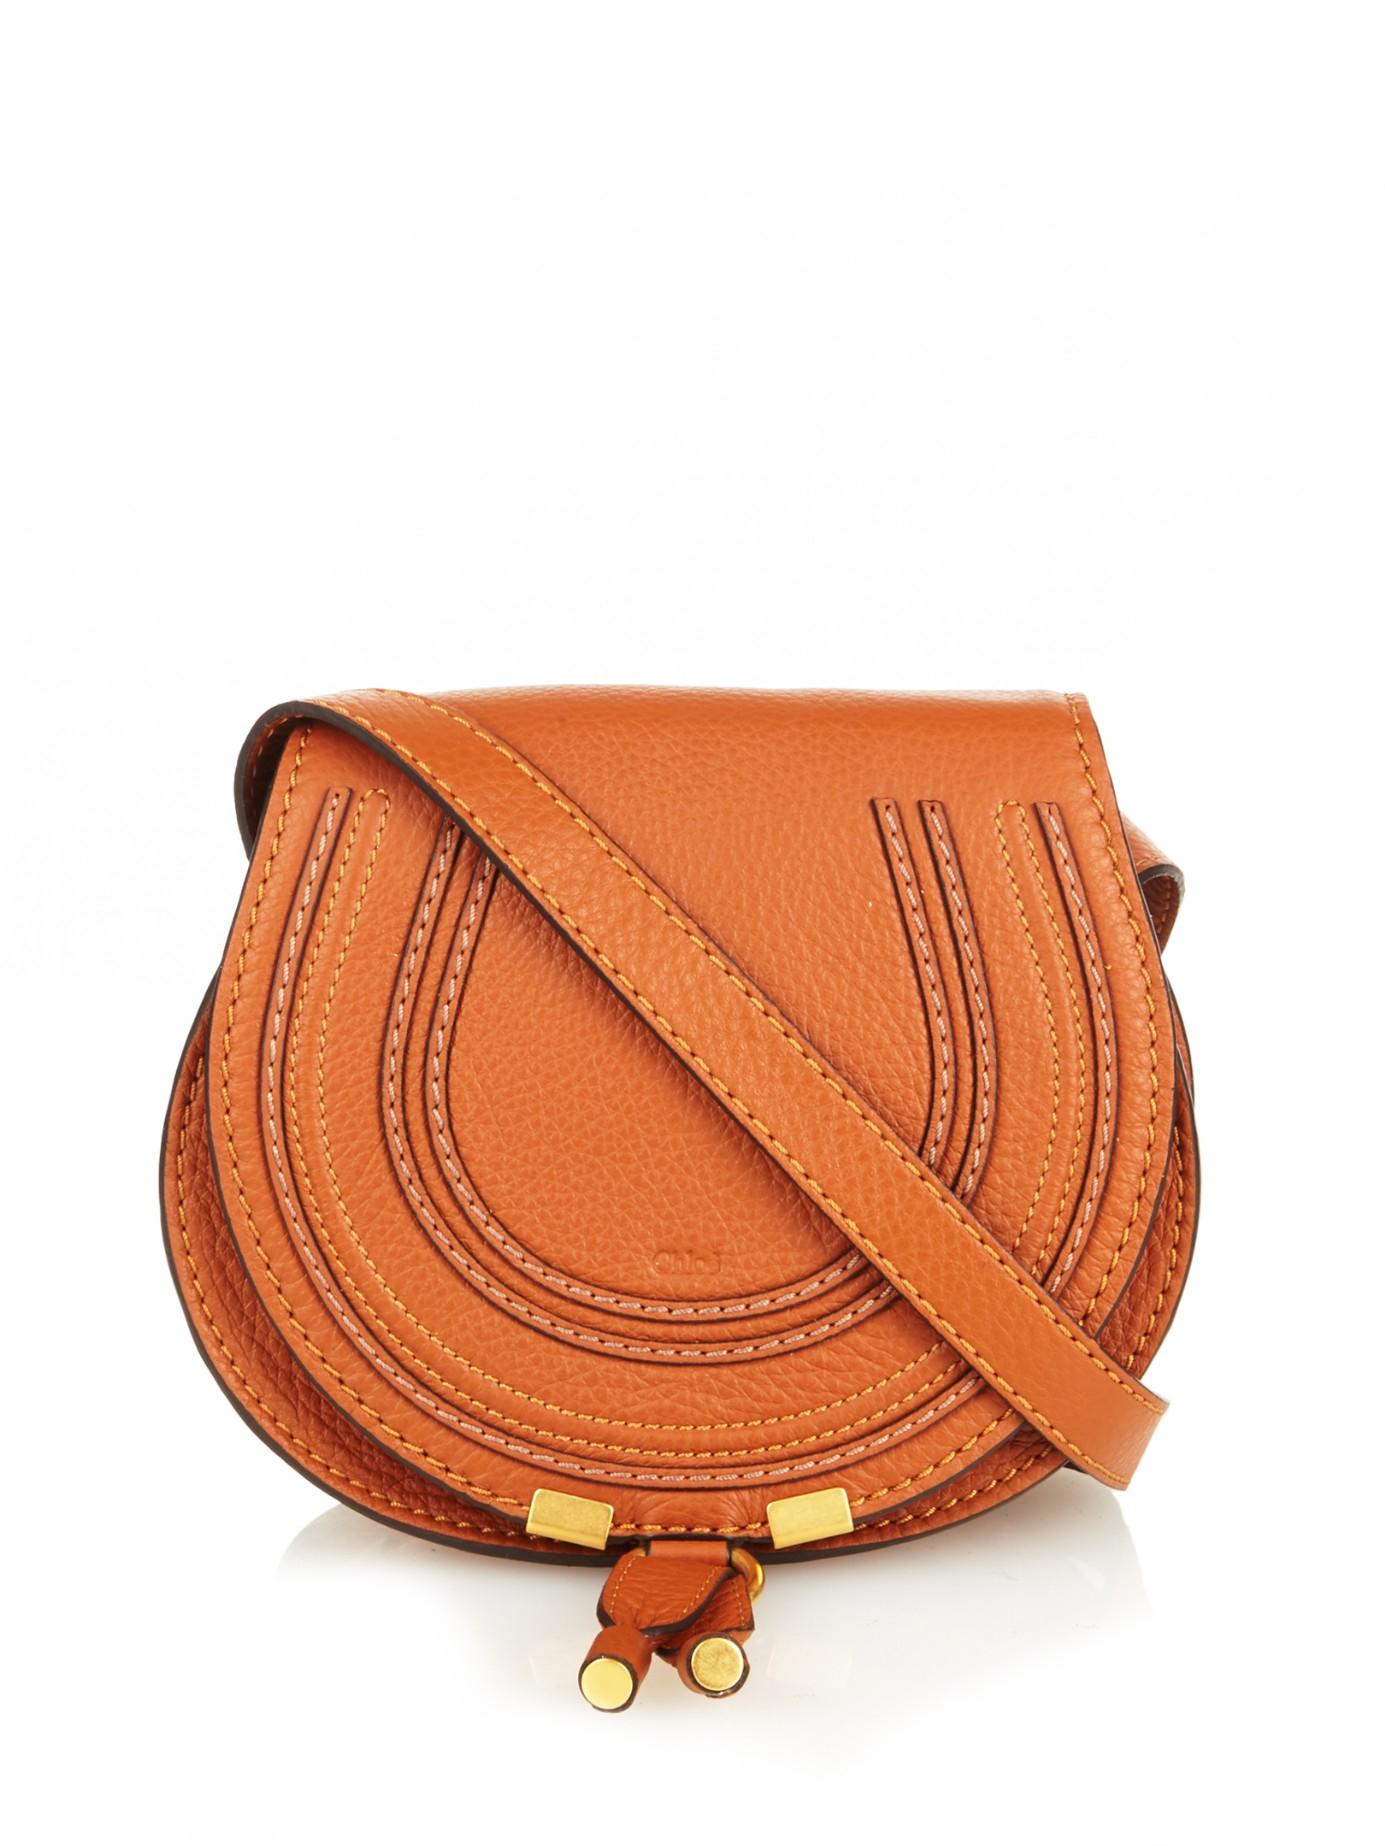 chloe marcie small leather crossbody bag